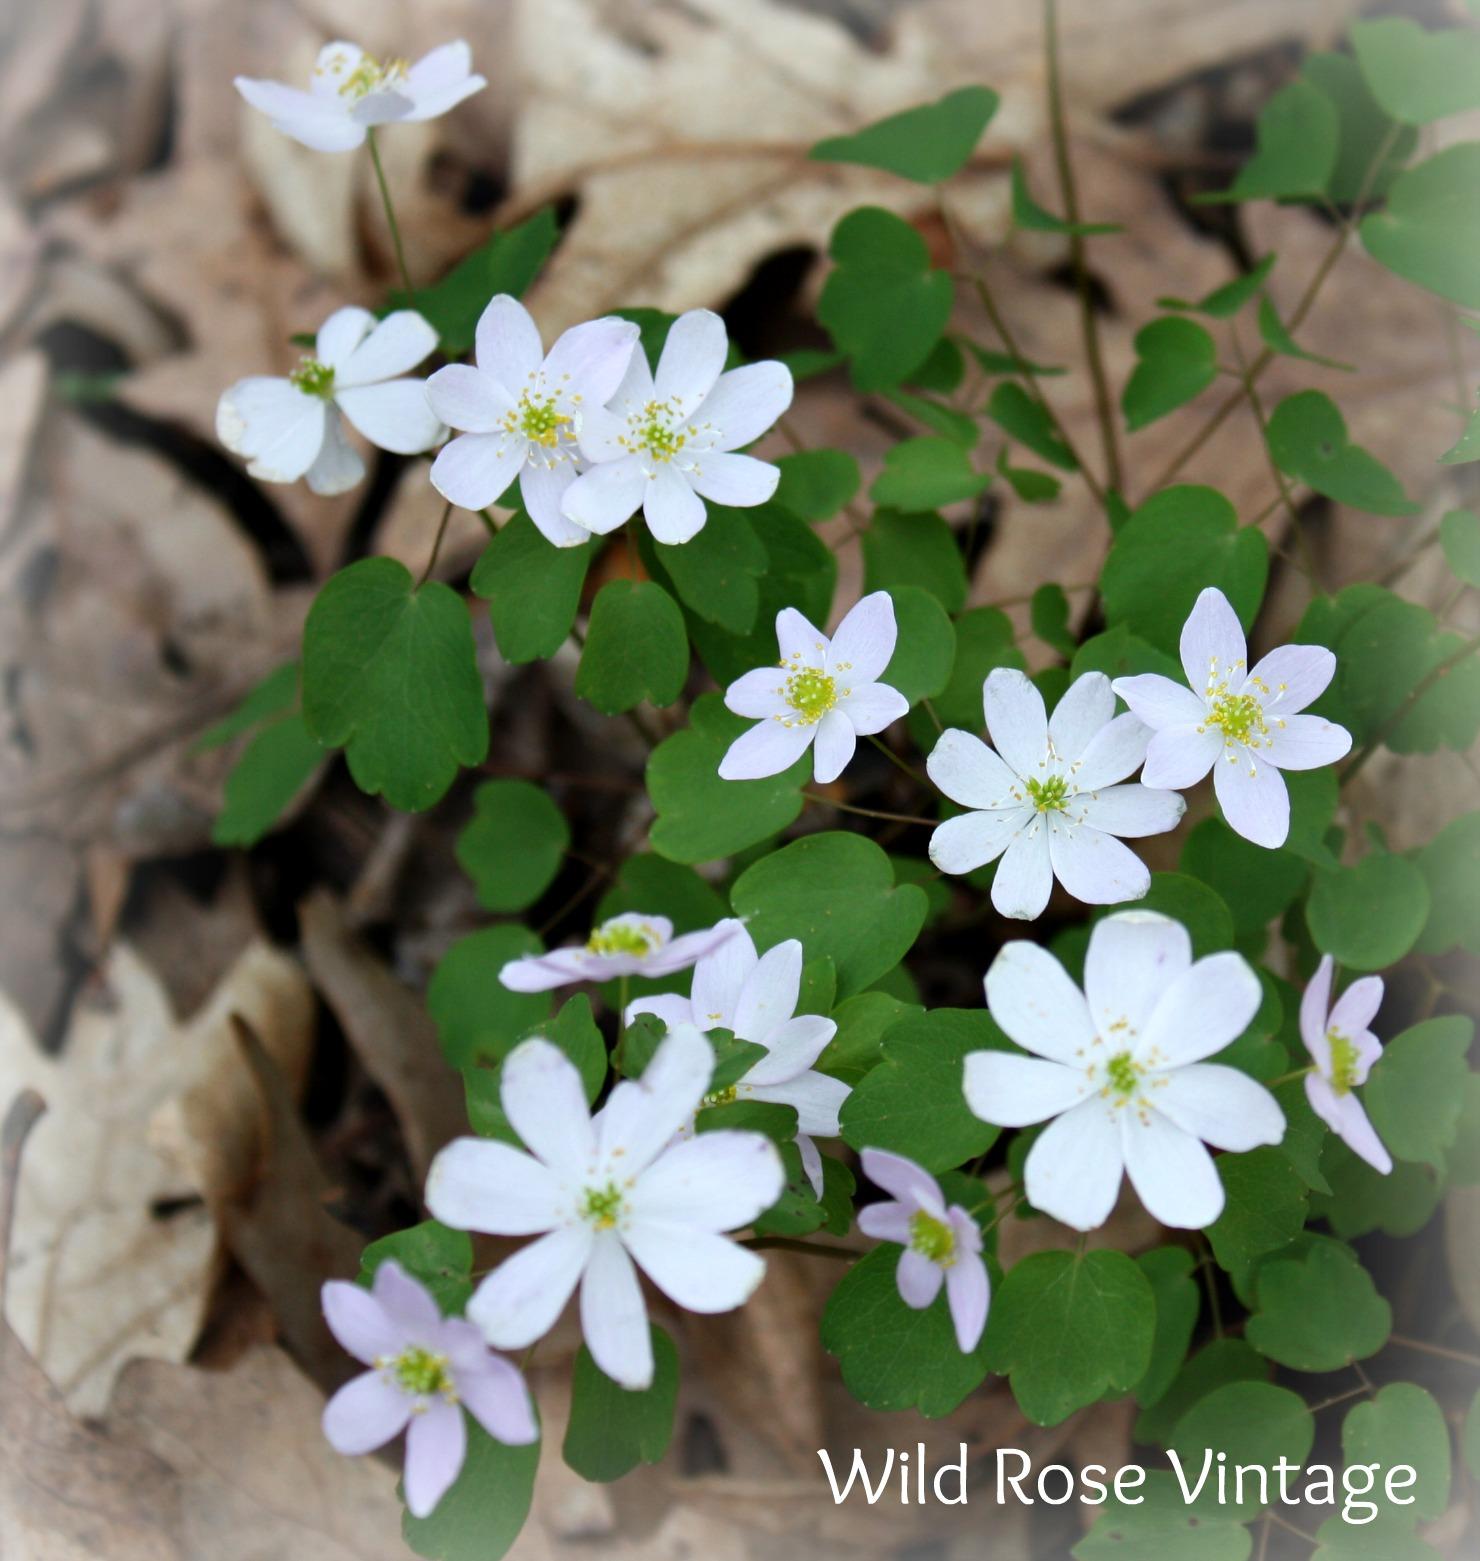 Wild Rose Vintage White Violets